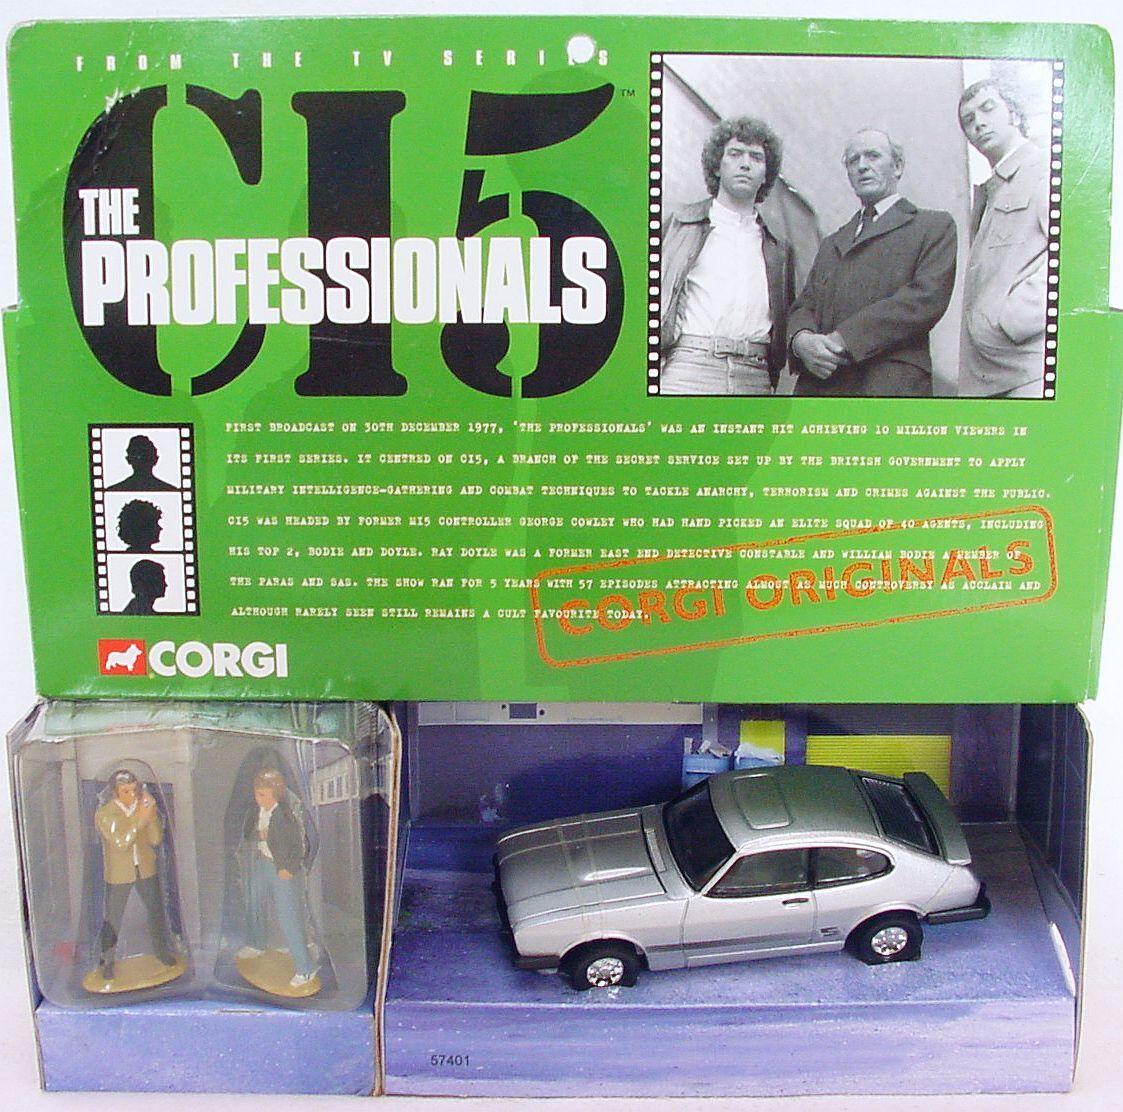 seguro de calidad Corgi Juguetes 1 36  los los los profesionales  Ford Capri Tv Cine Coche Modelo  57401 MIB`99  bienvenido a orden